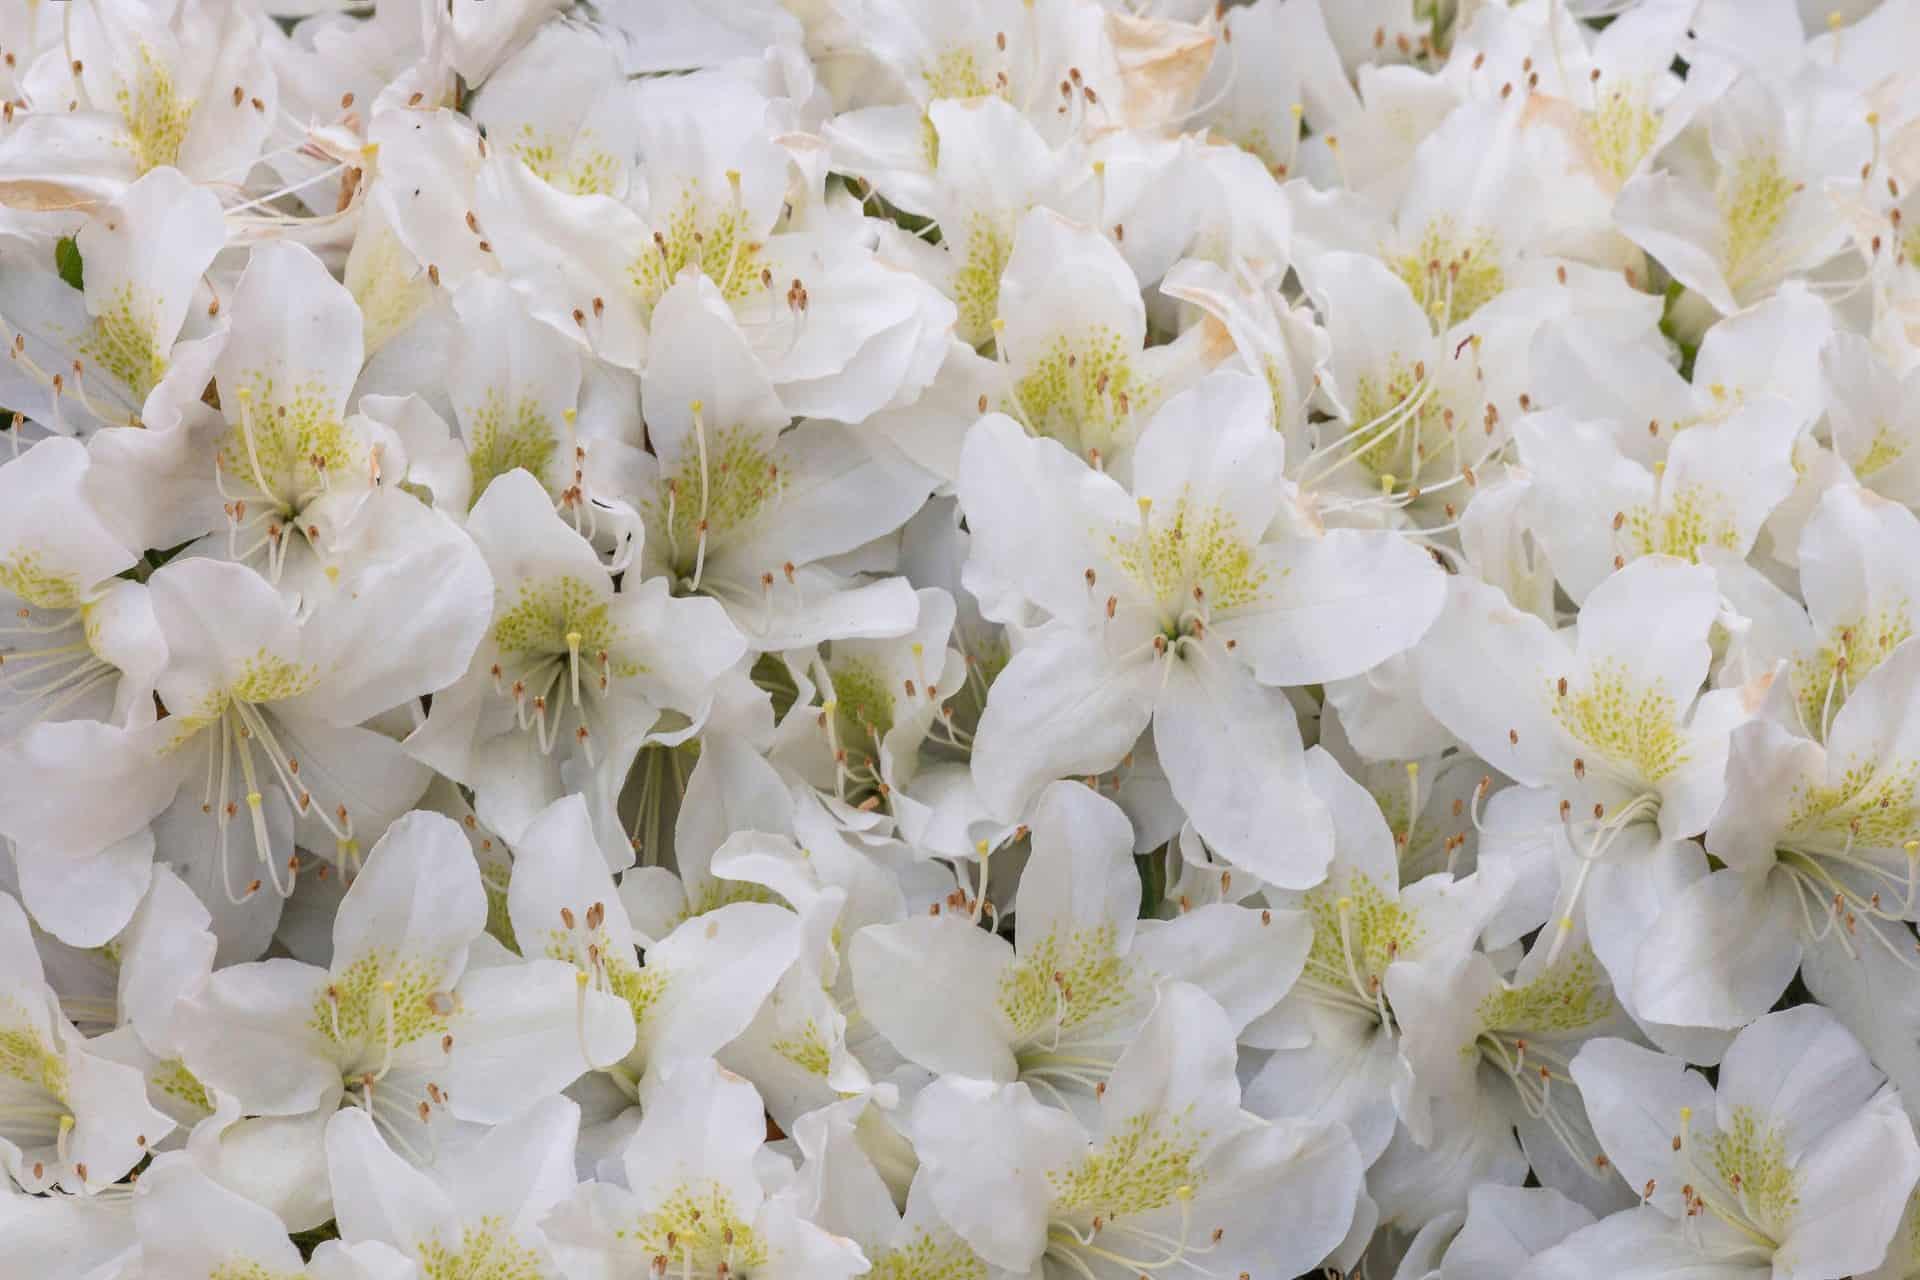 Japanese azaleas thrive in sun or shade.